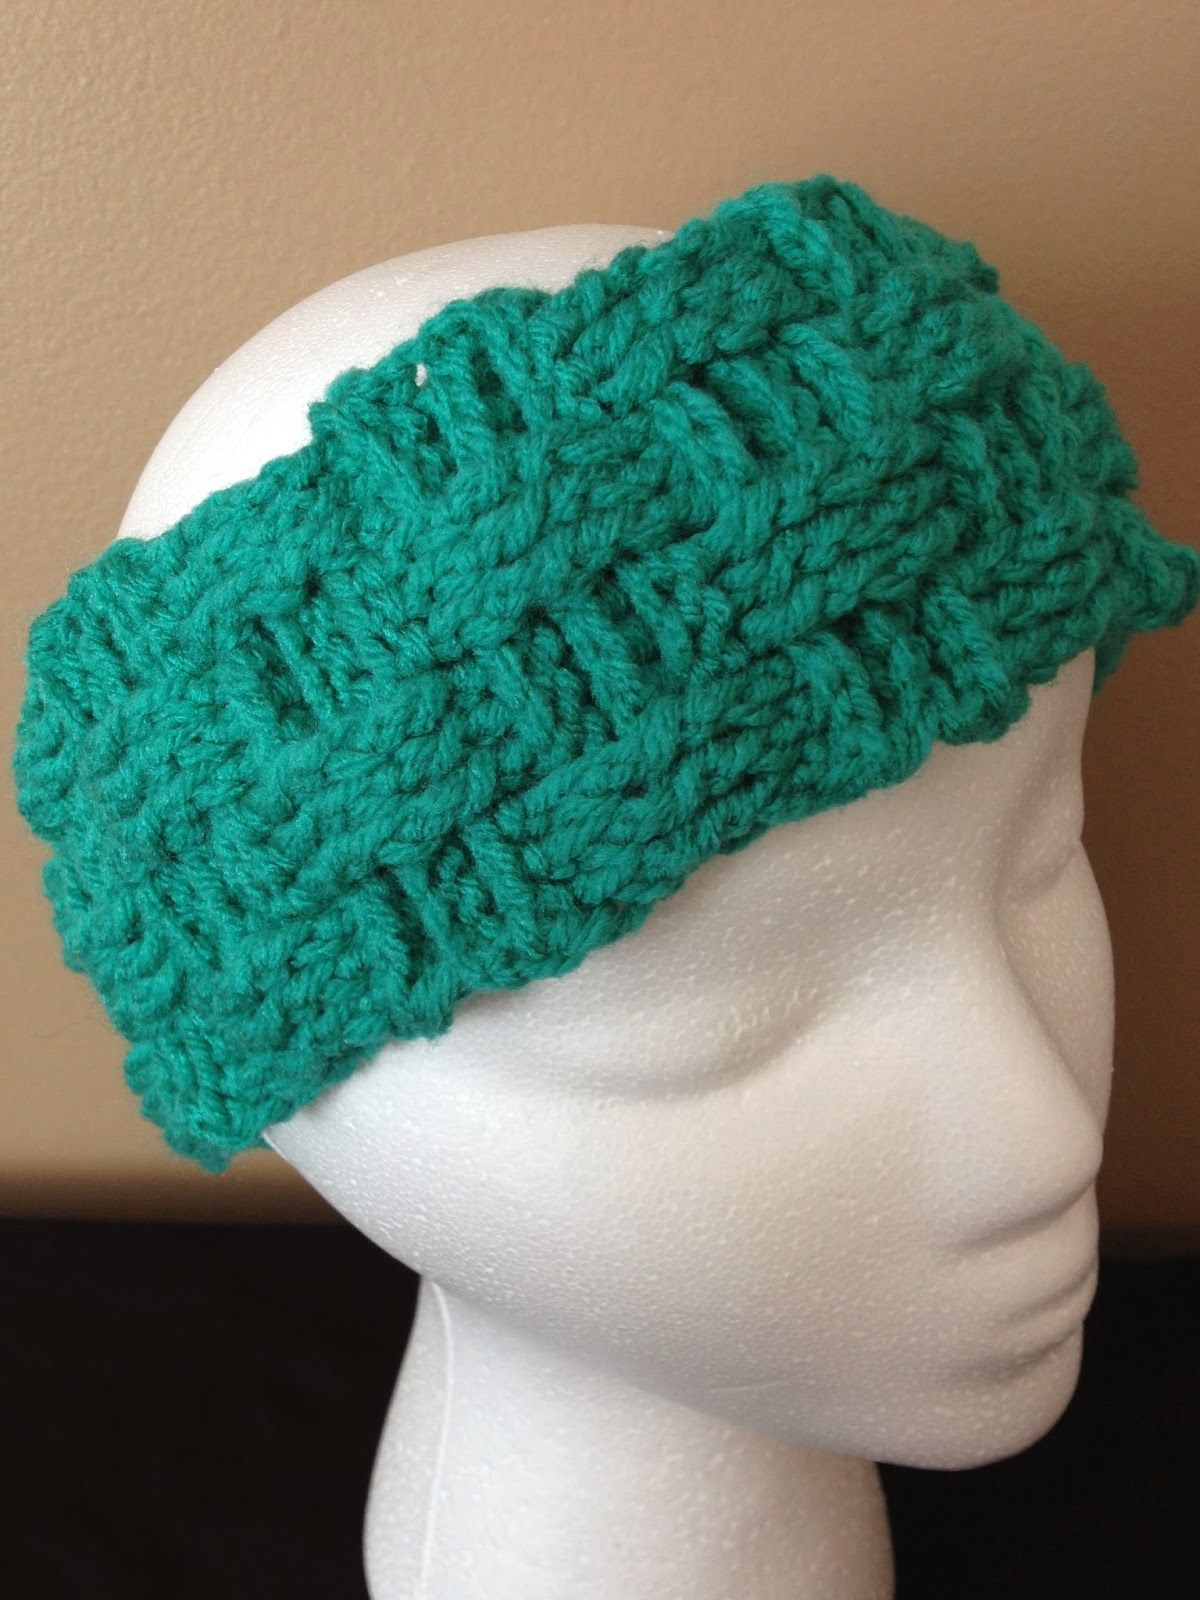 my crocheted world: basket weave ear warmer free pattern